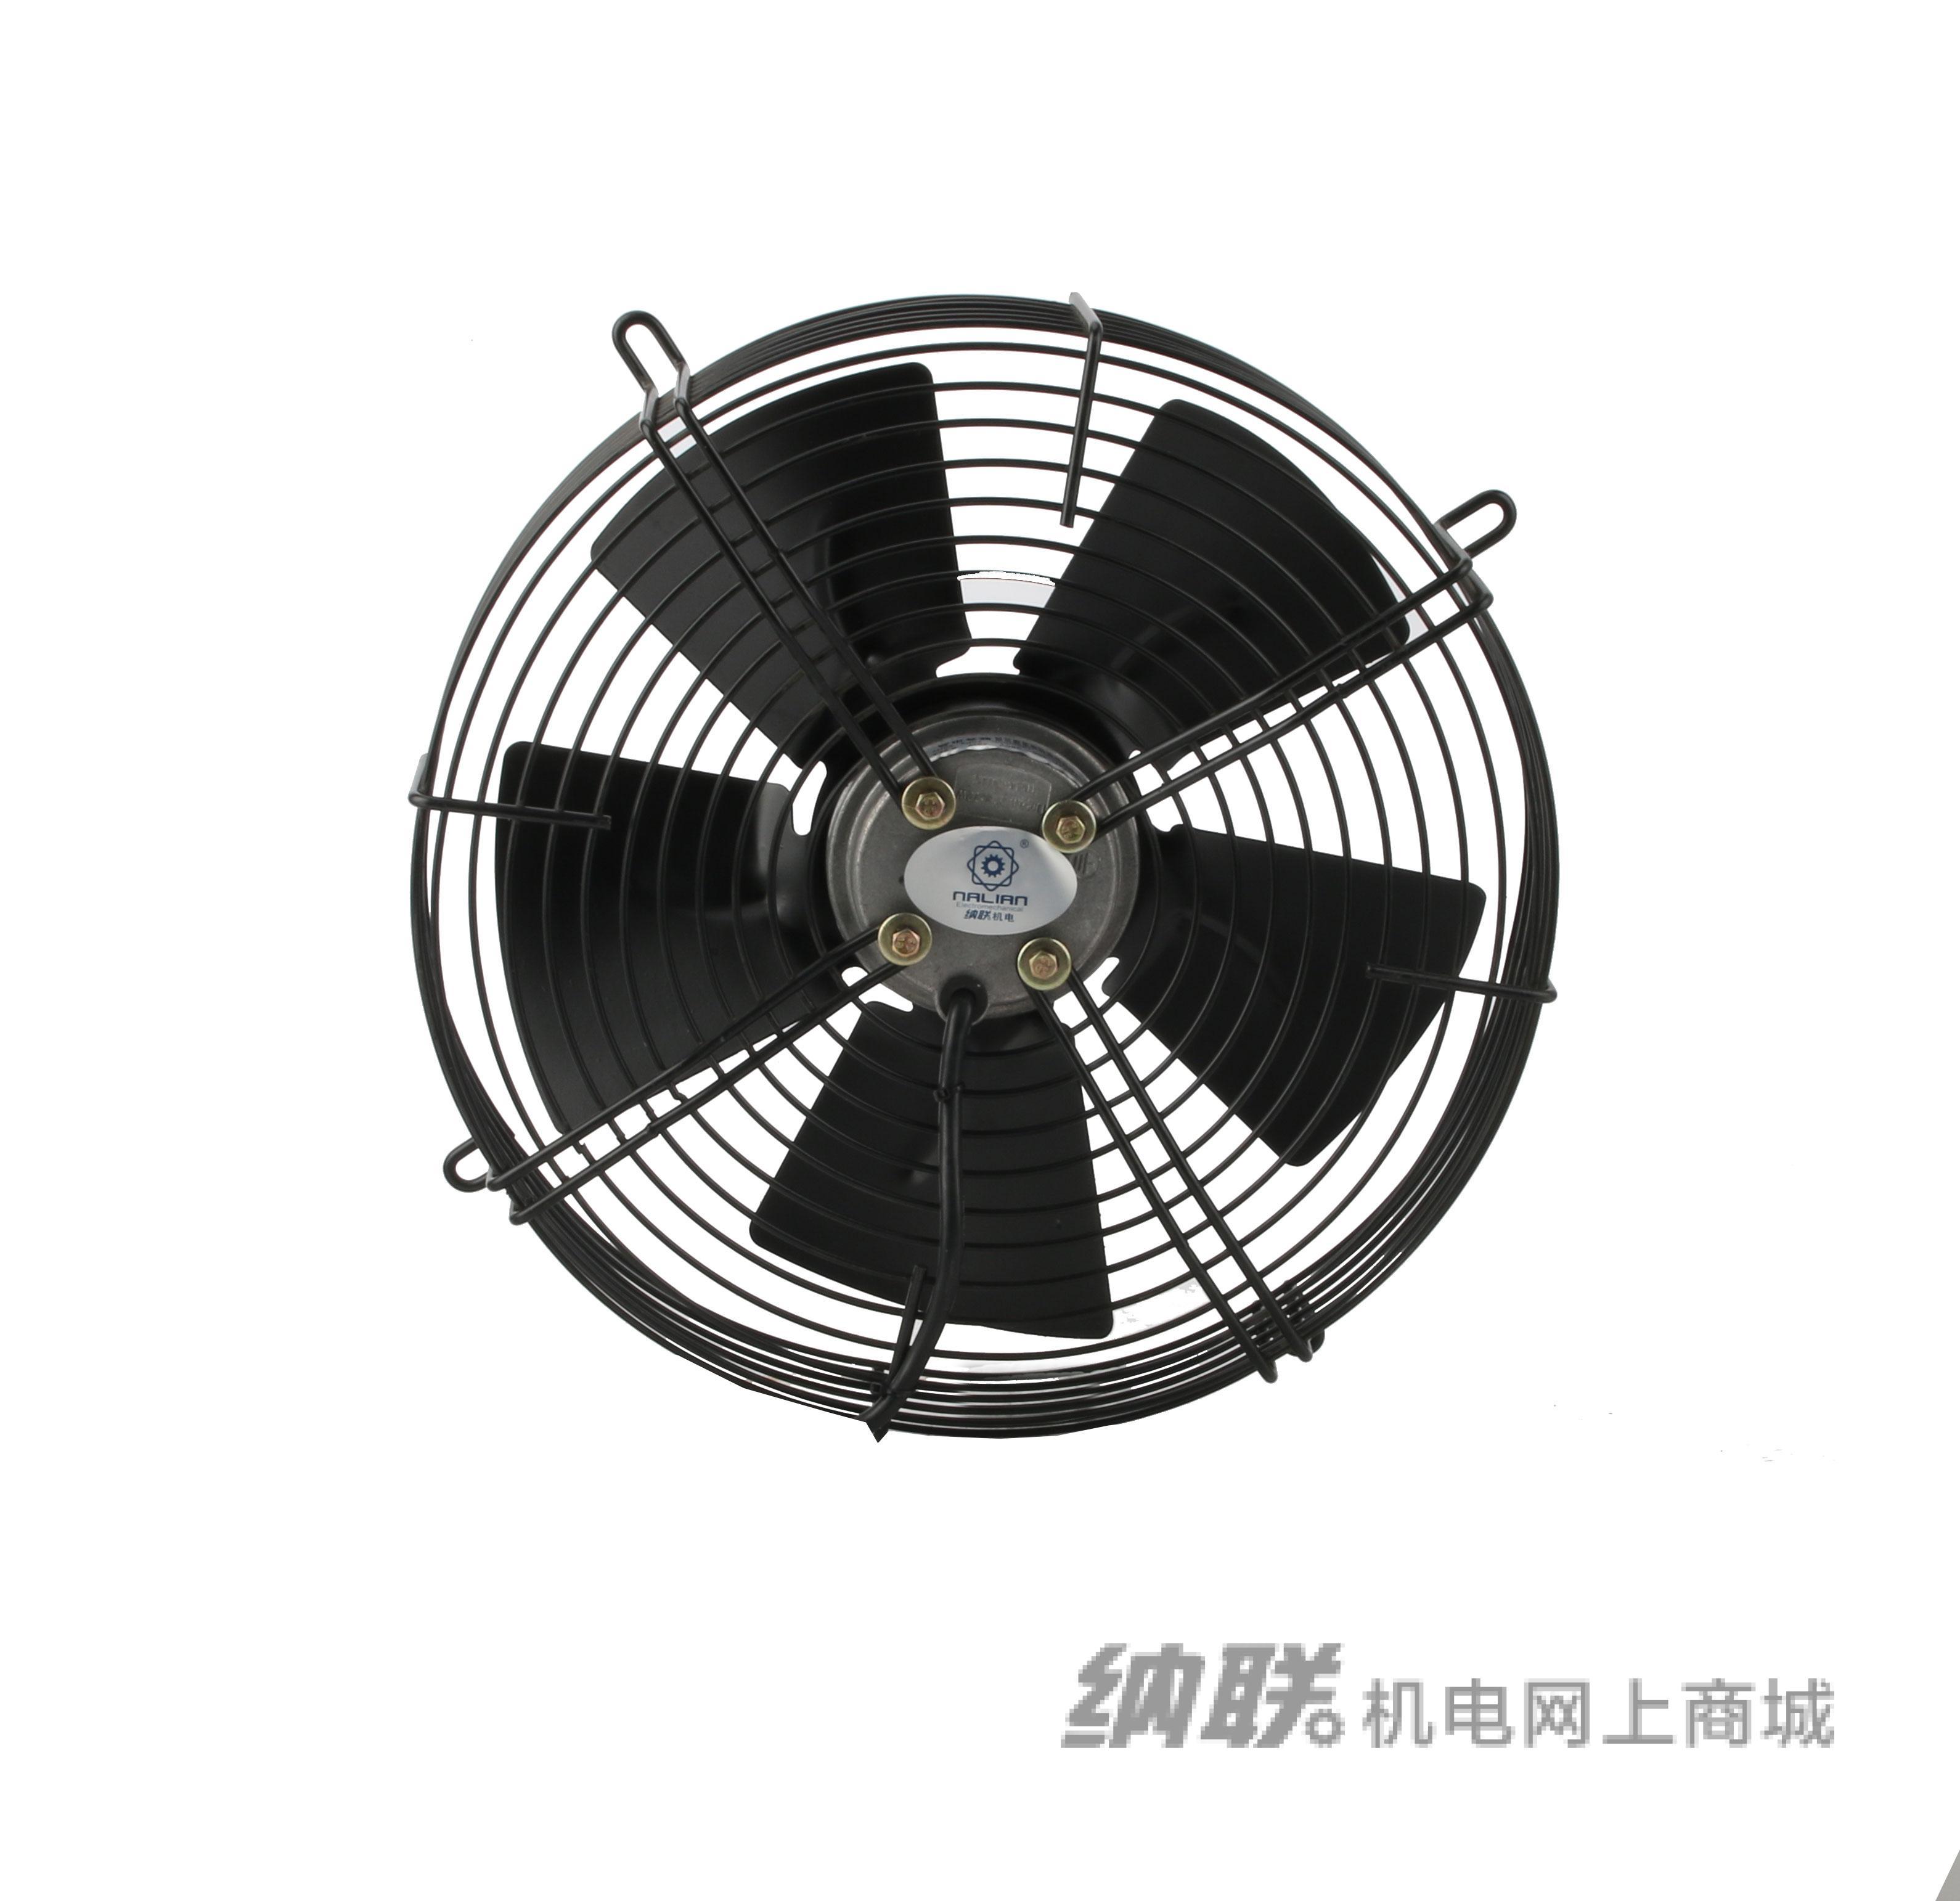 纳联机电 外转子轴流风机-YWF4D-300网罩 三